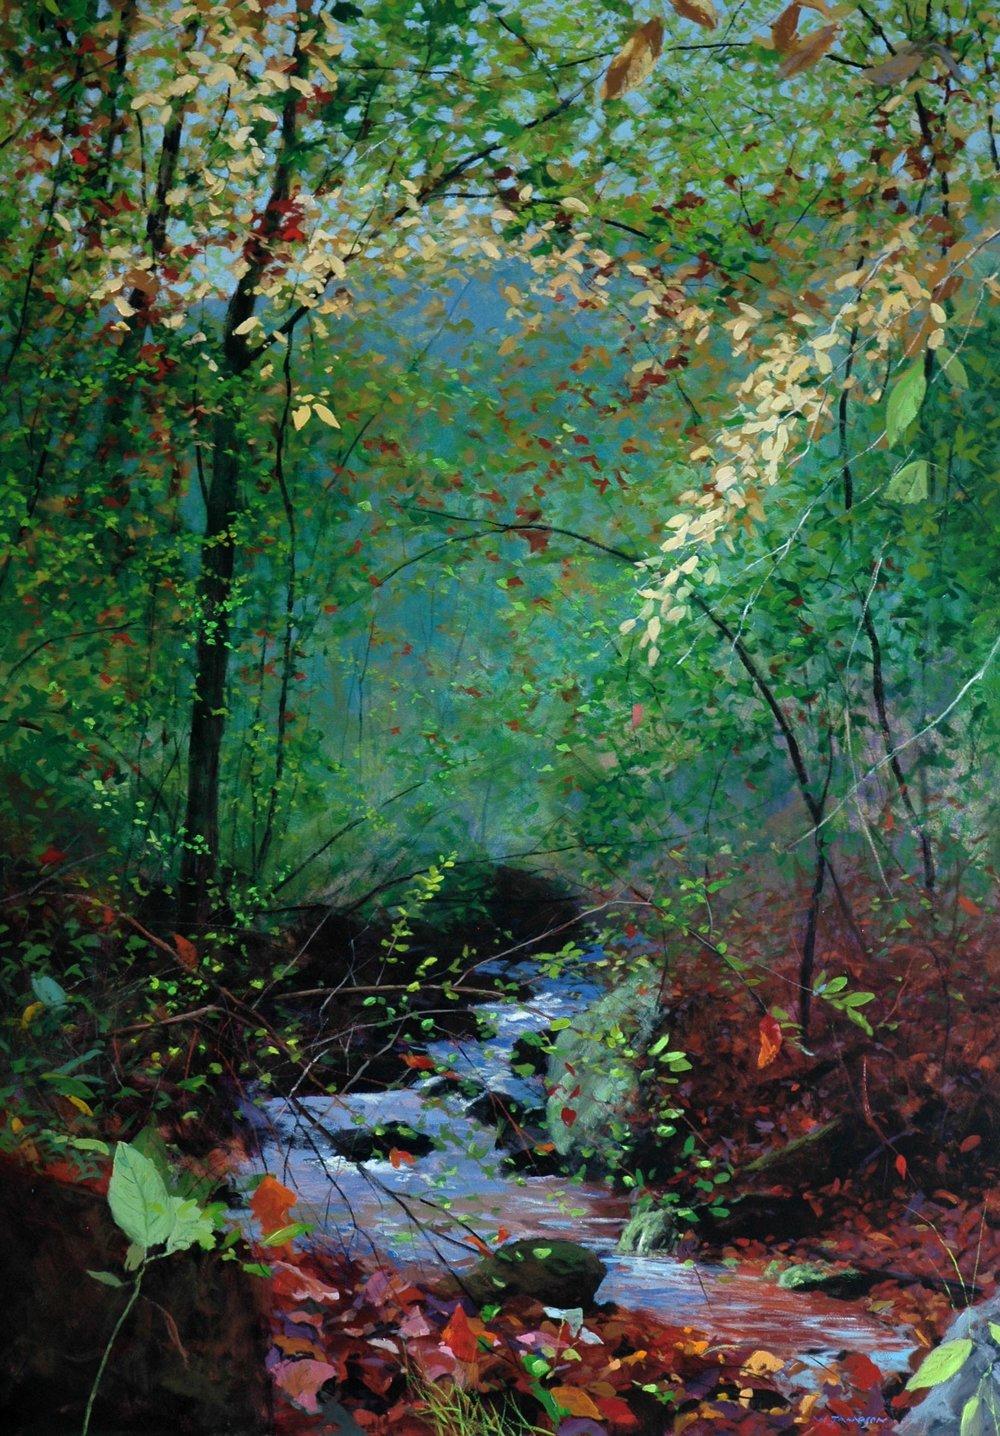 William Jameson, Exploring Light